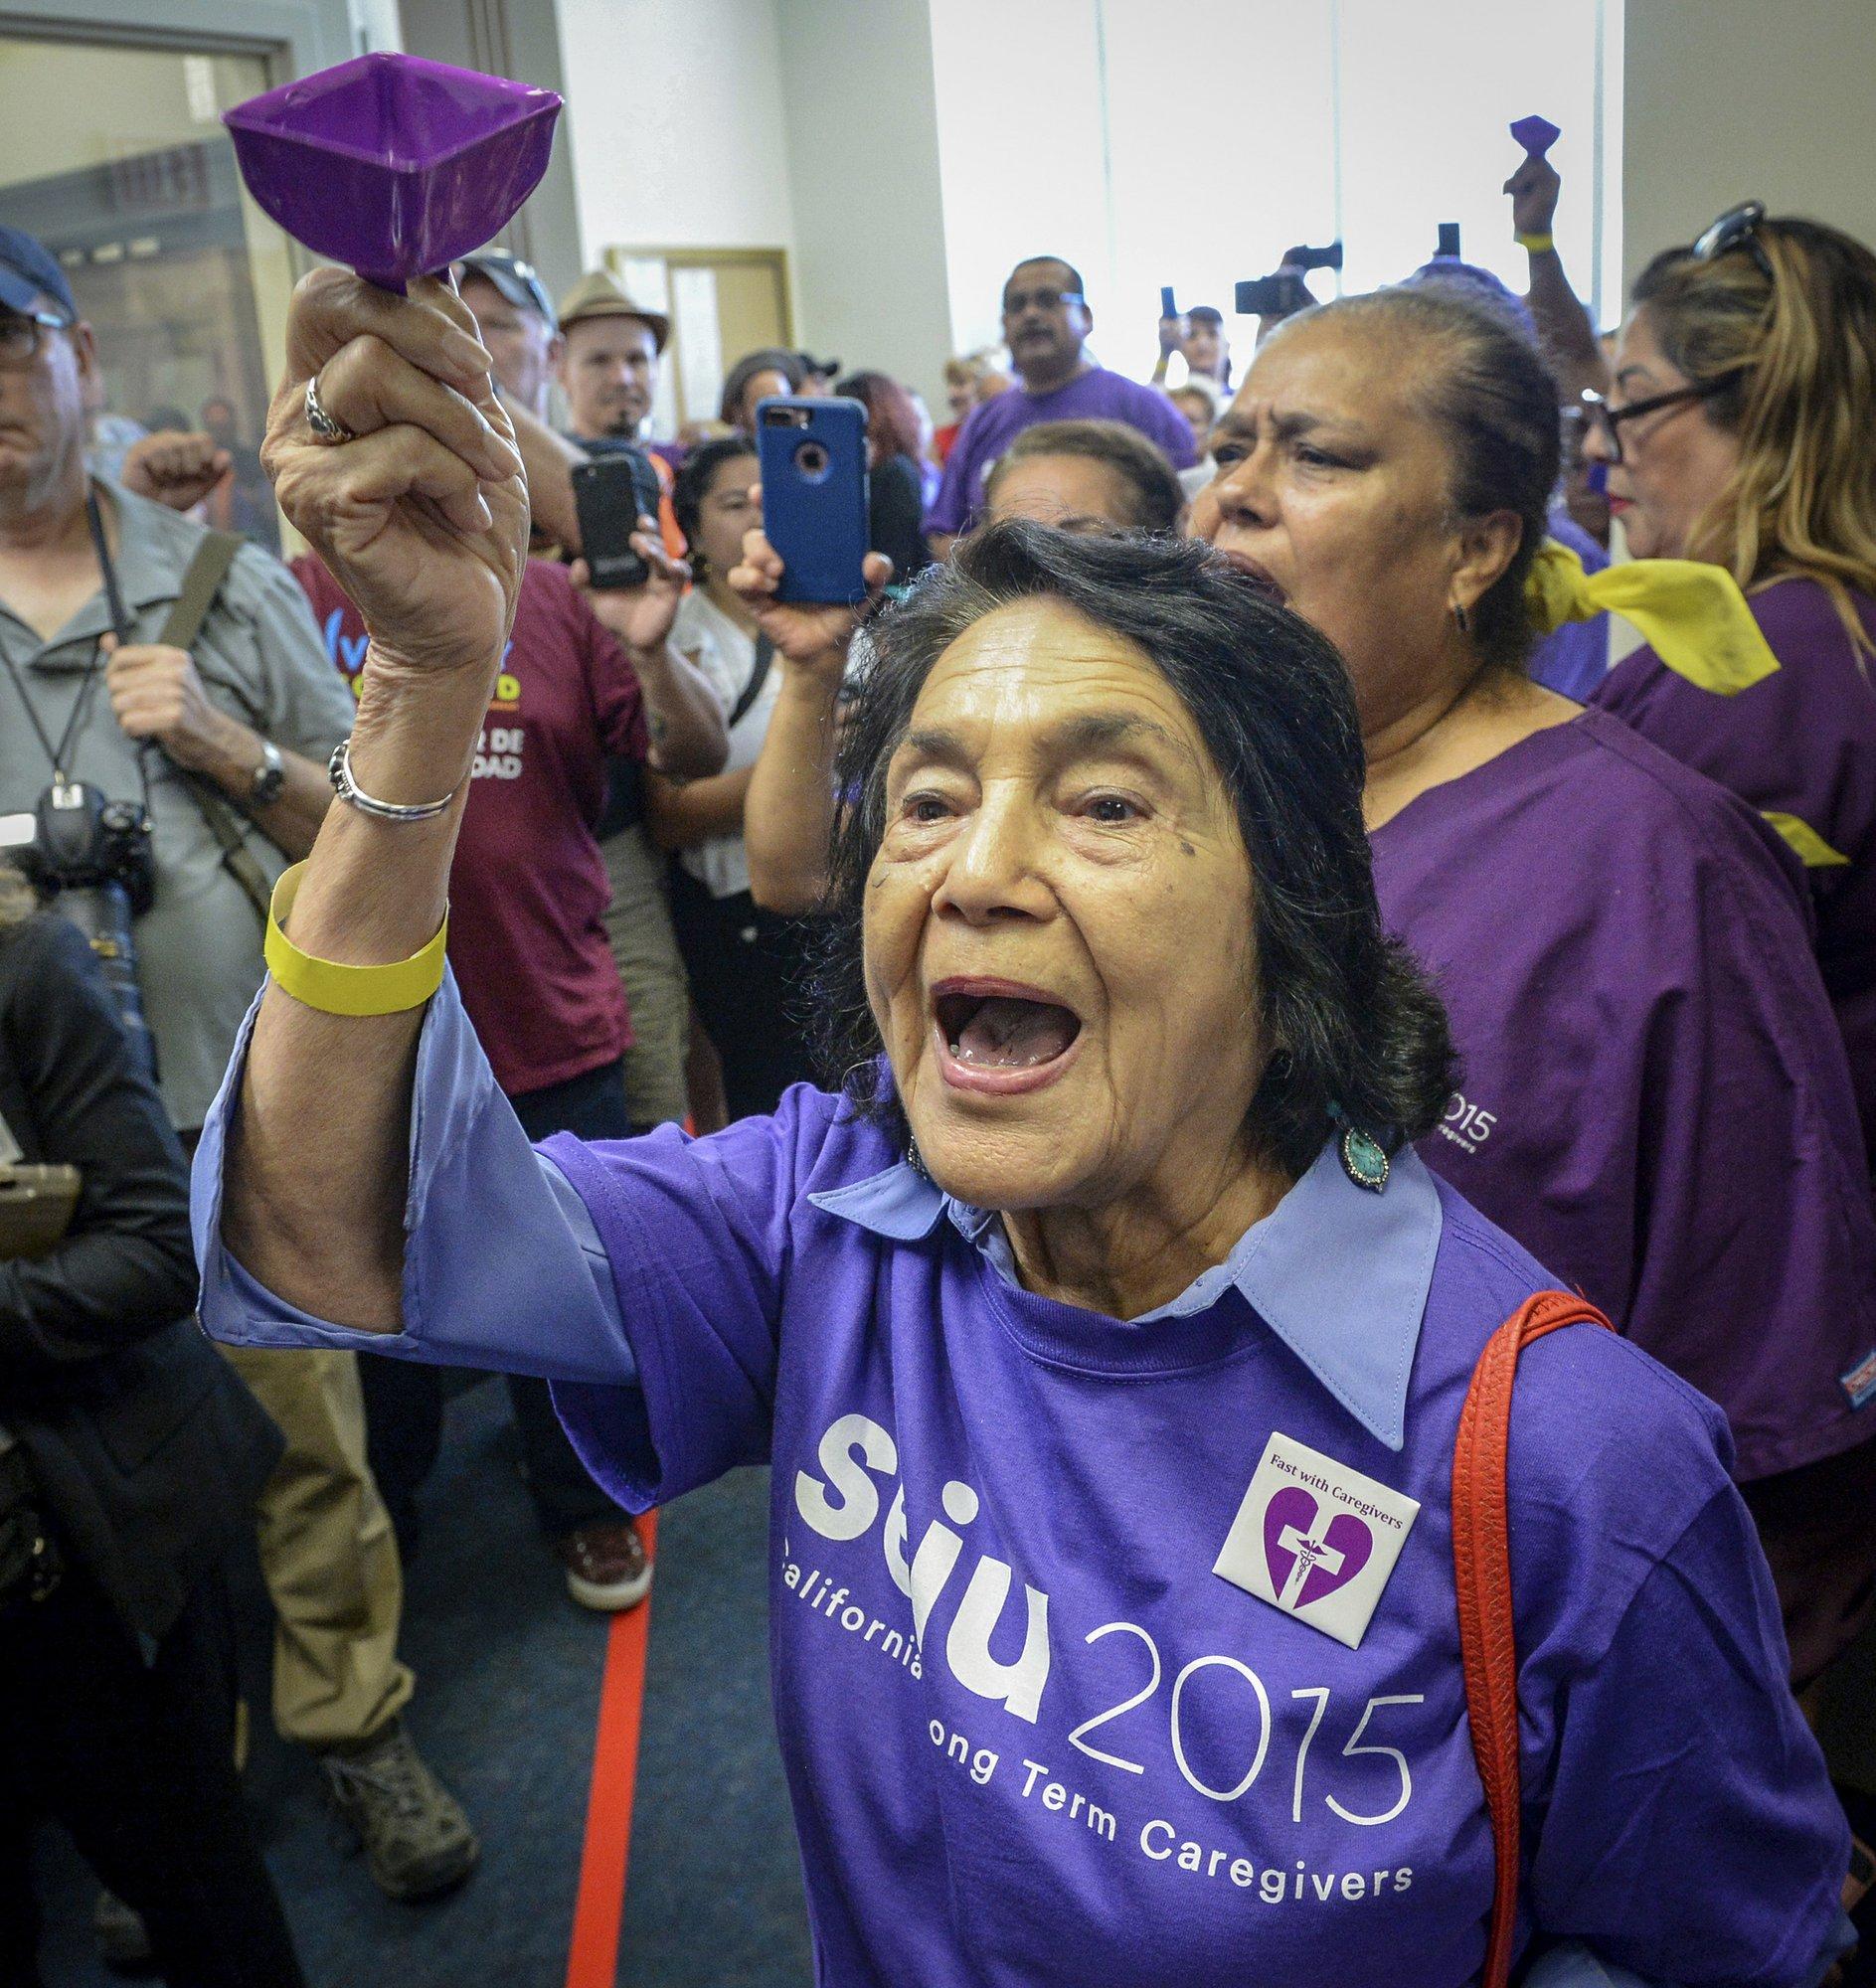 Labor leader Dolores Huerta arrested in worker demonstration